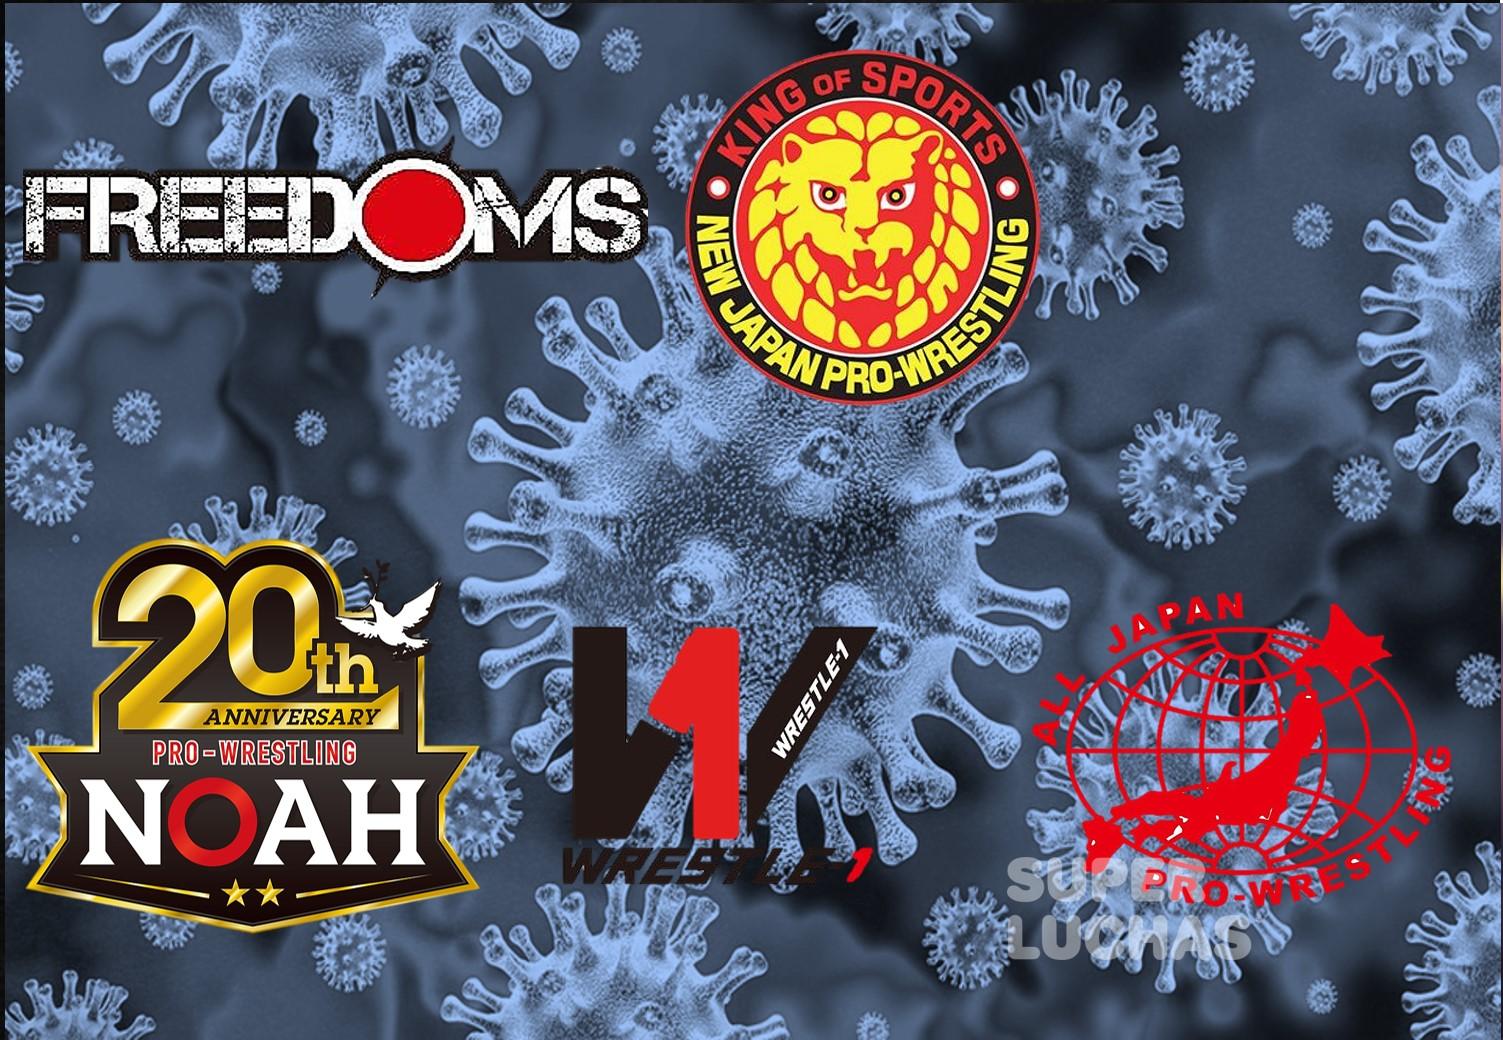 La lucha libre japonesa se prepara para su reactivación tras pandemia de Coronavirus 7